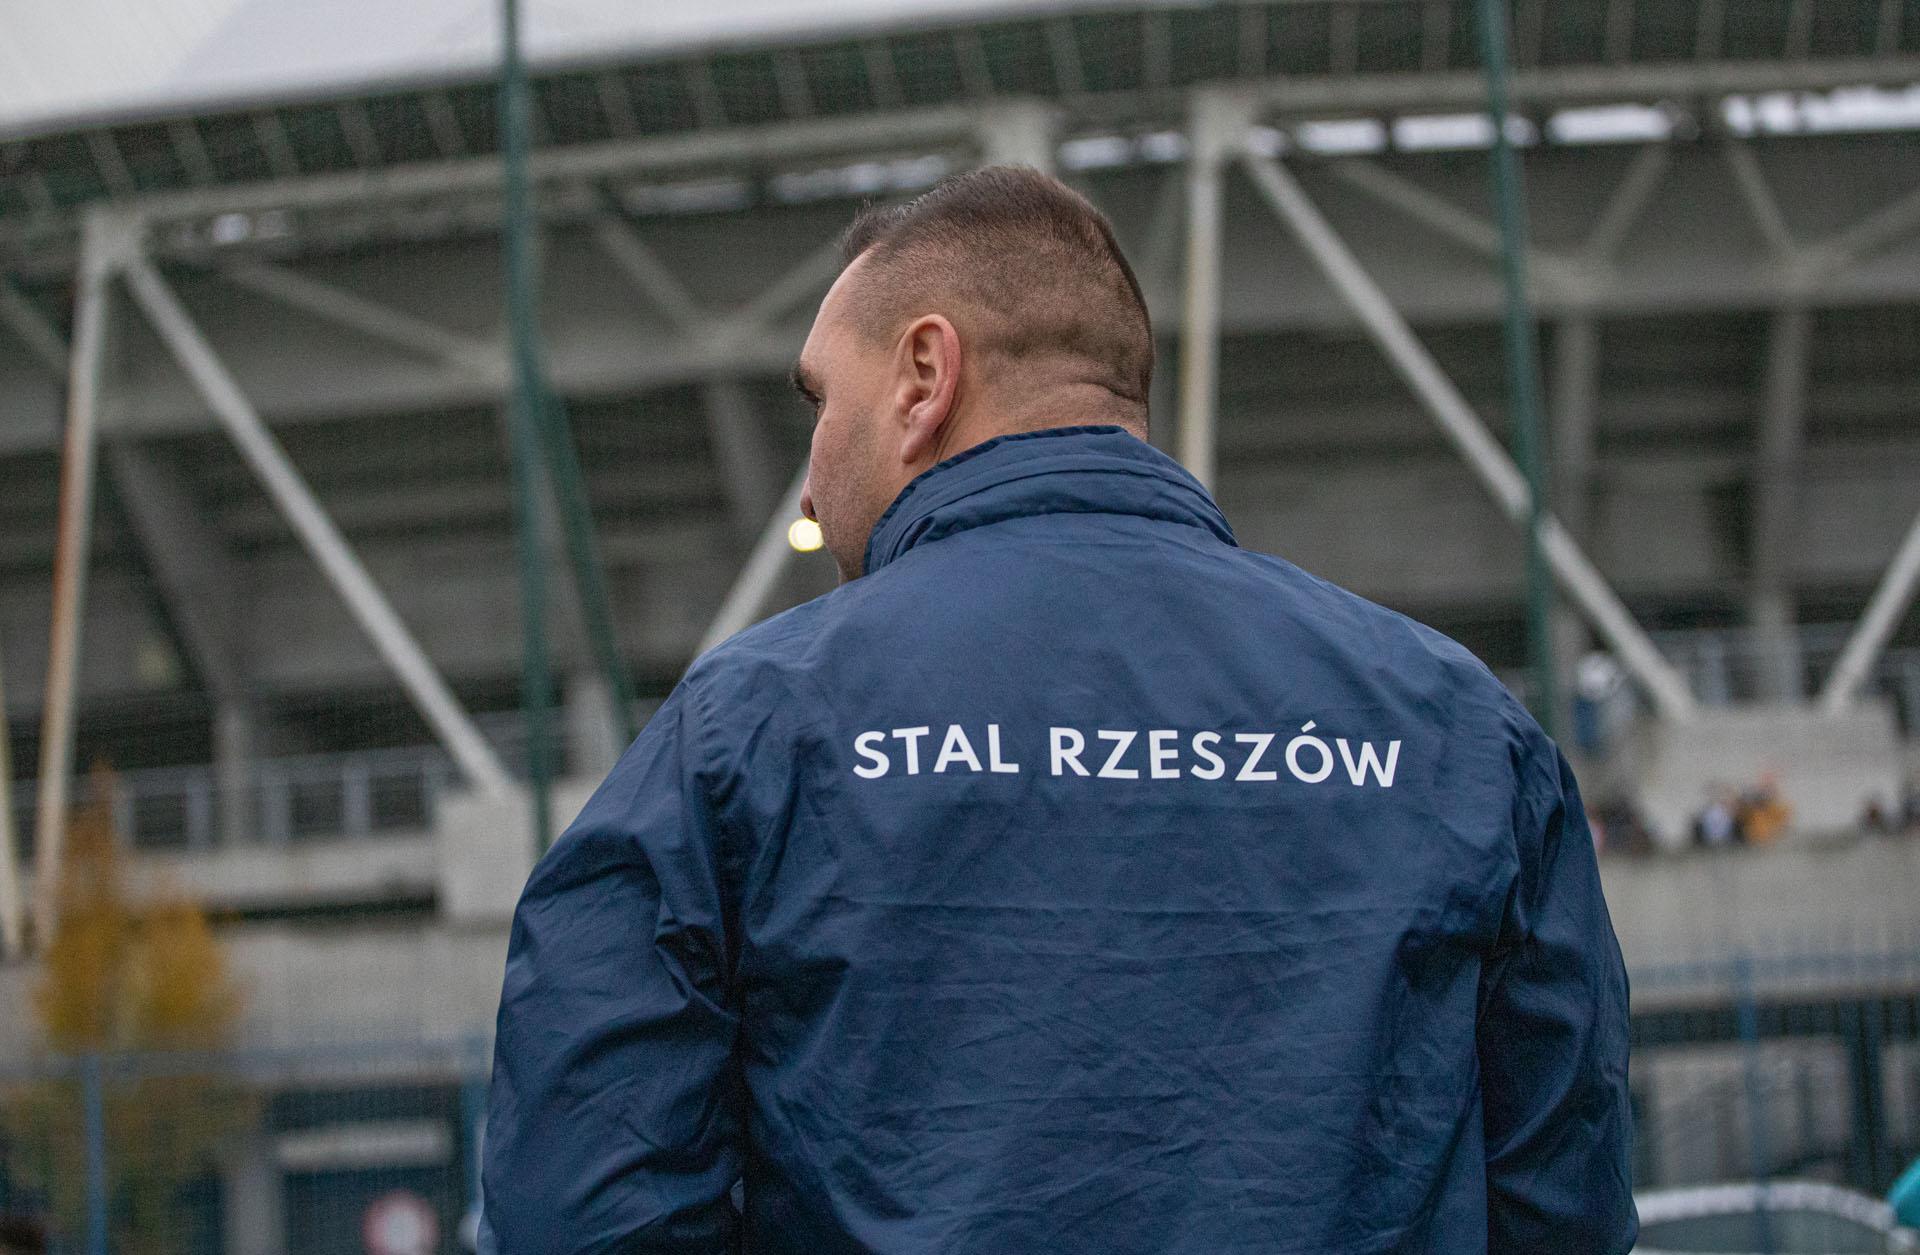 Stal Rzeszów U17 – Orlęta Kielce U17 6-0, 2020-11-11